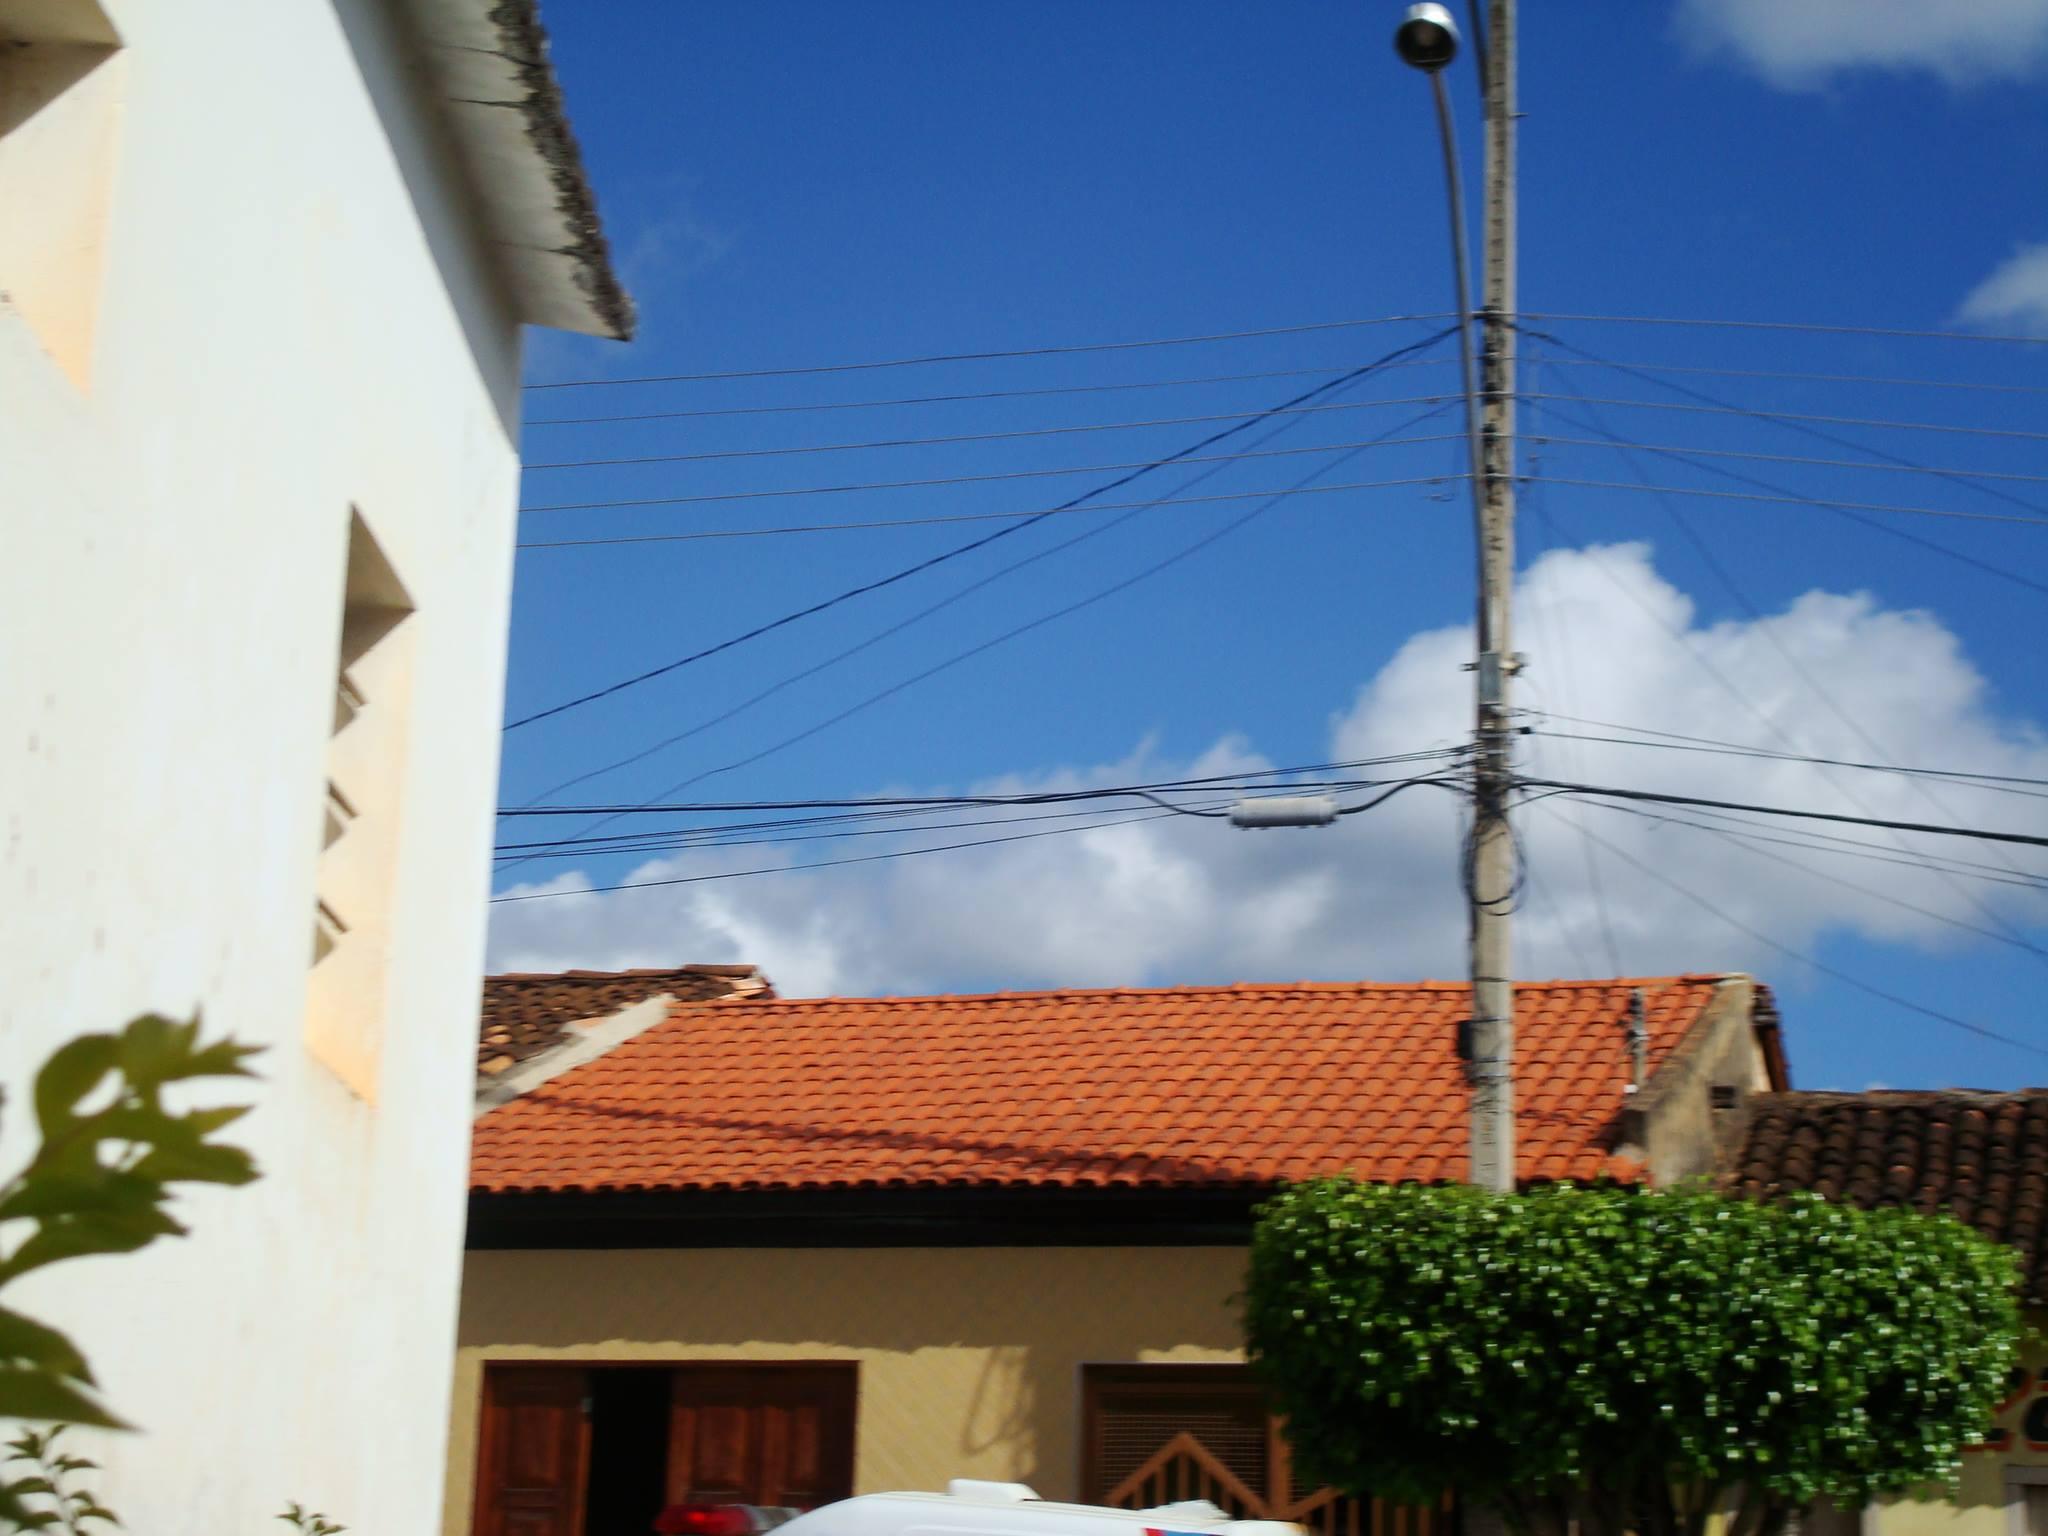 Fotos-uit-de-regio-van-Ibitiara-en-Seabra-aan-de-grote-BR-242-34